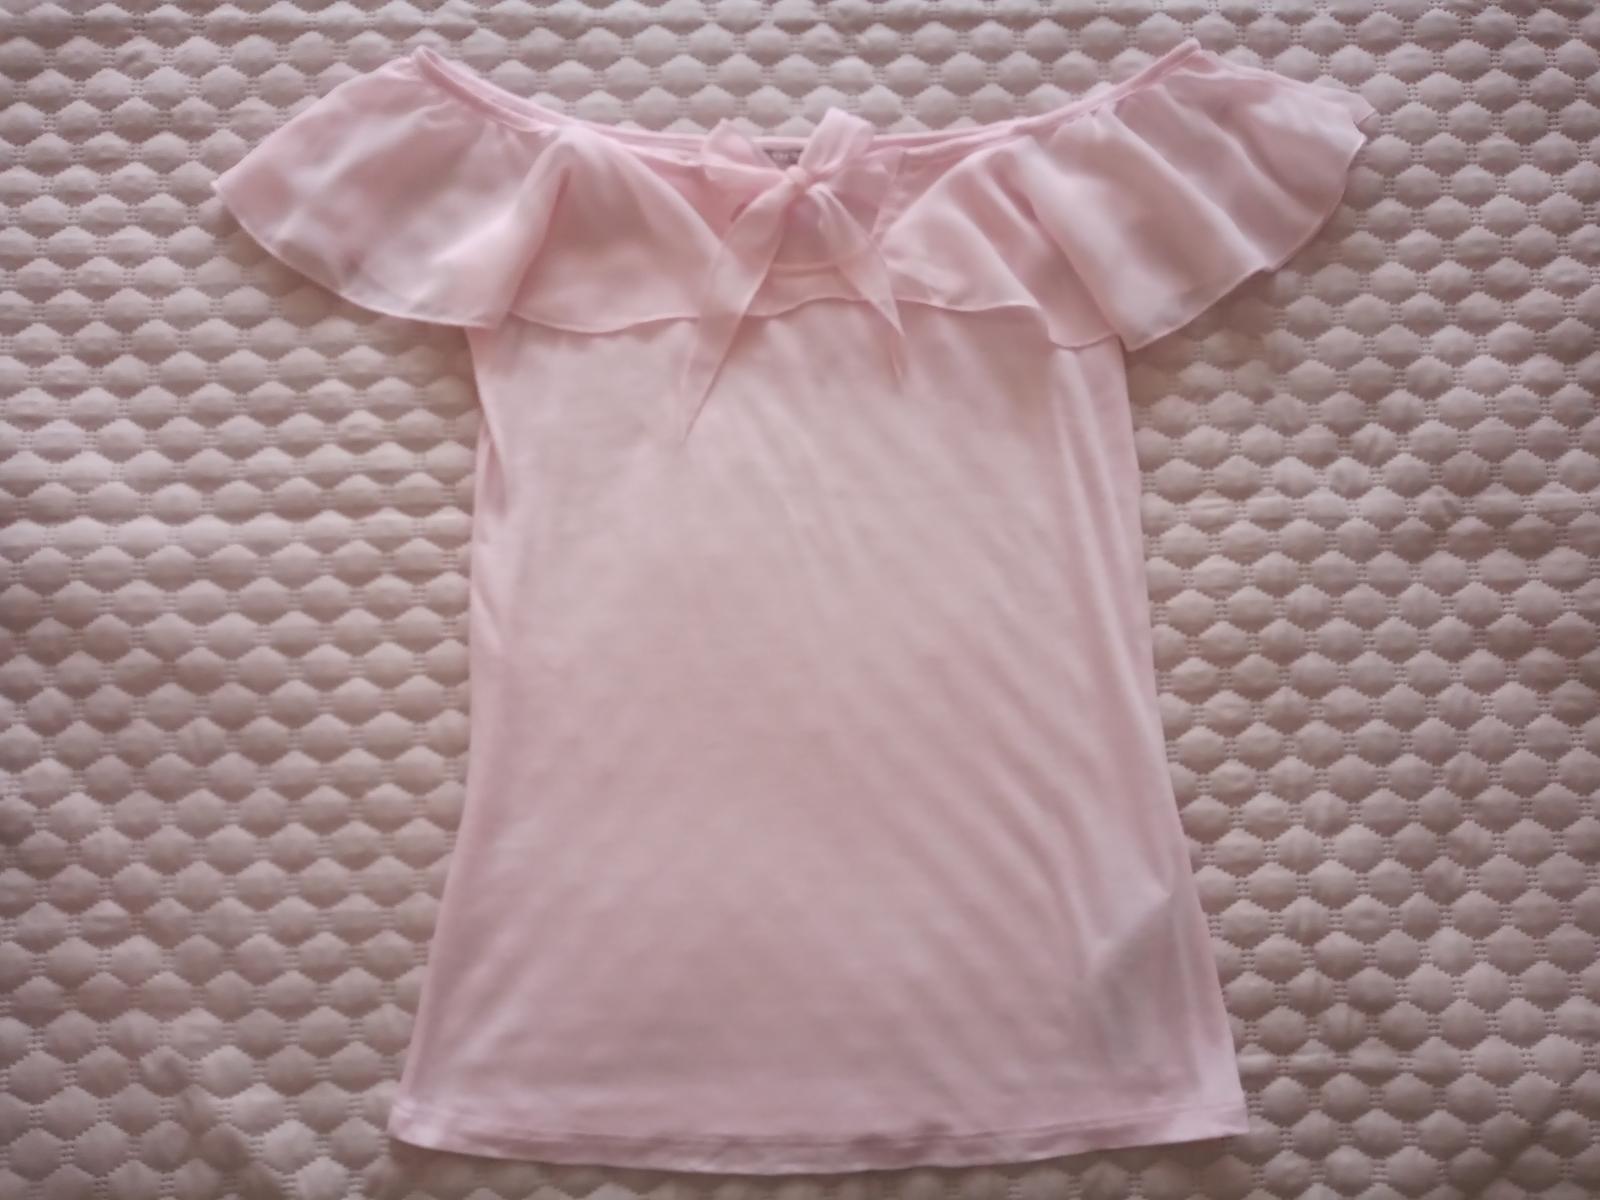 Ružová blúzka / tričko Orsay veľ. S nové - Obrázok č. 1